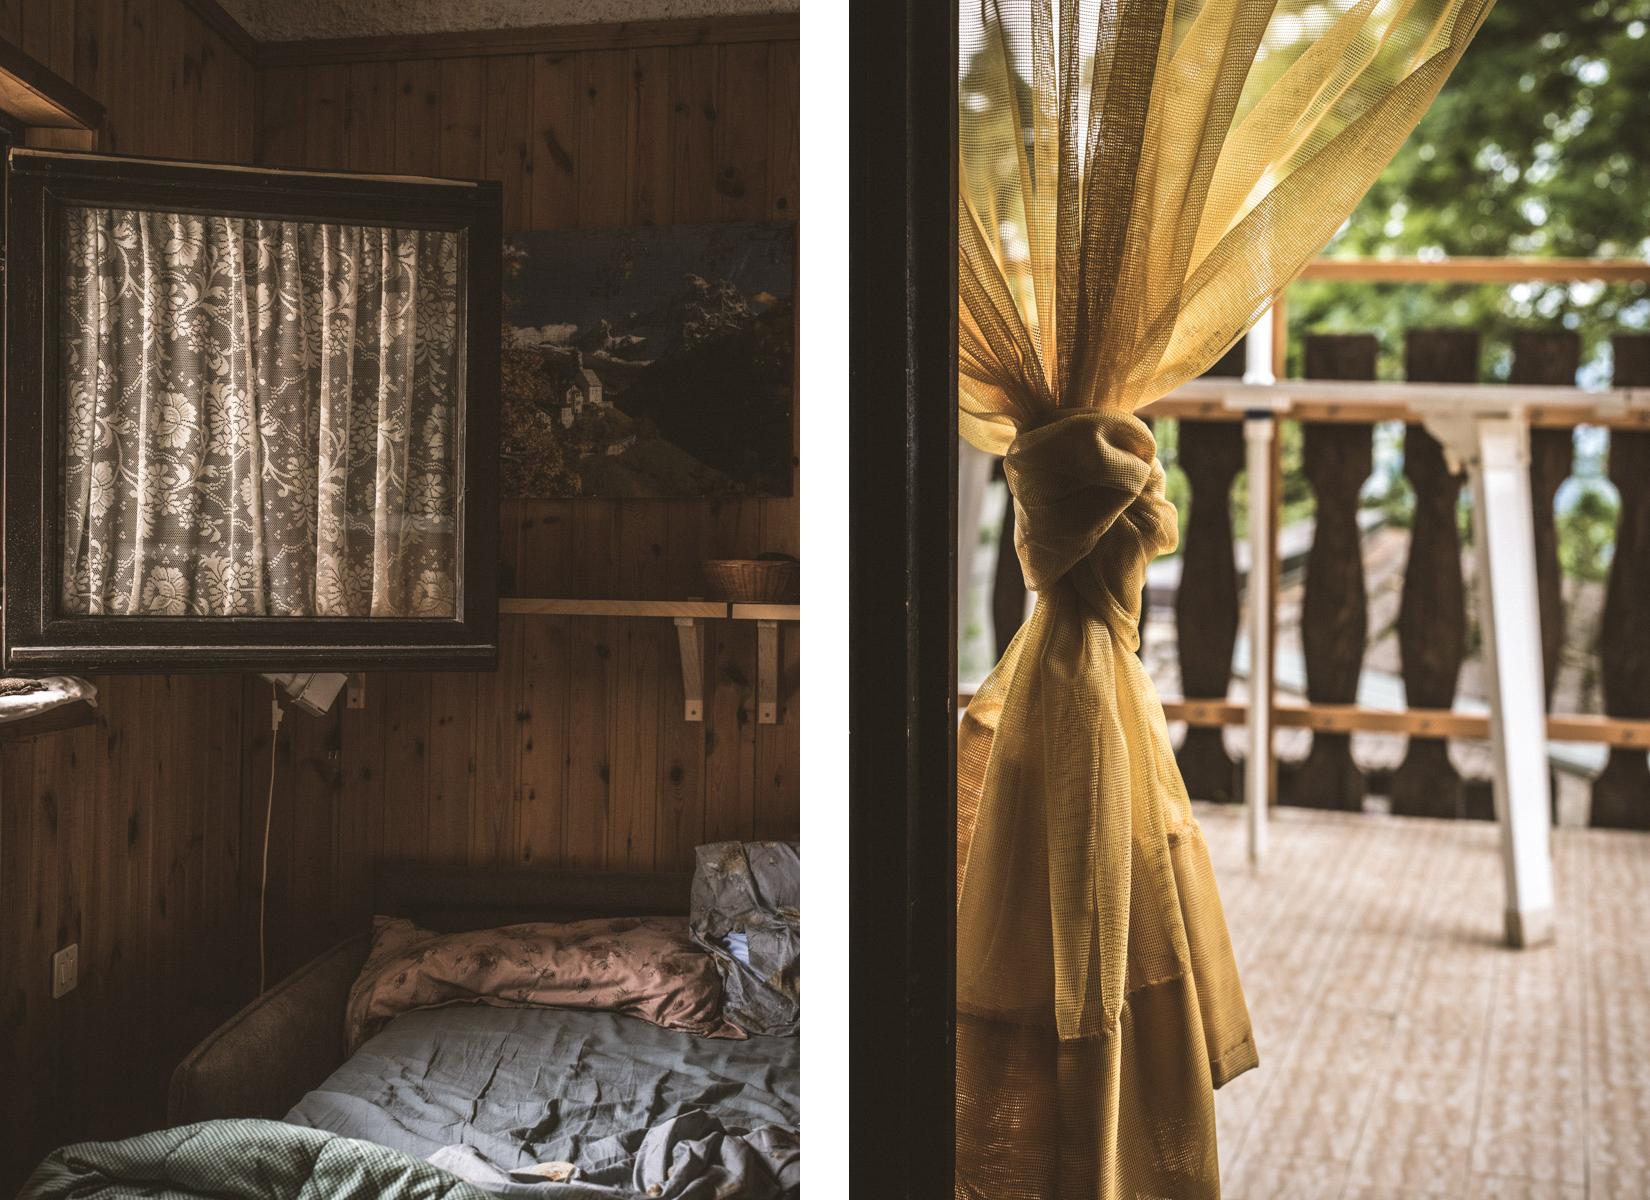 Details of a bedroom and a balcony of a mountain house in Zambla Alta province of Bergamo; dittico che mostra una camera da letto ed un balcone di una casa in montagna. La casa si trova a Zambla Alta in provincia di Bergamo in Val Serina